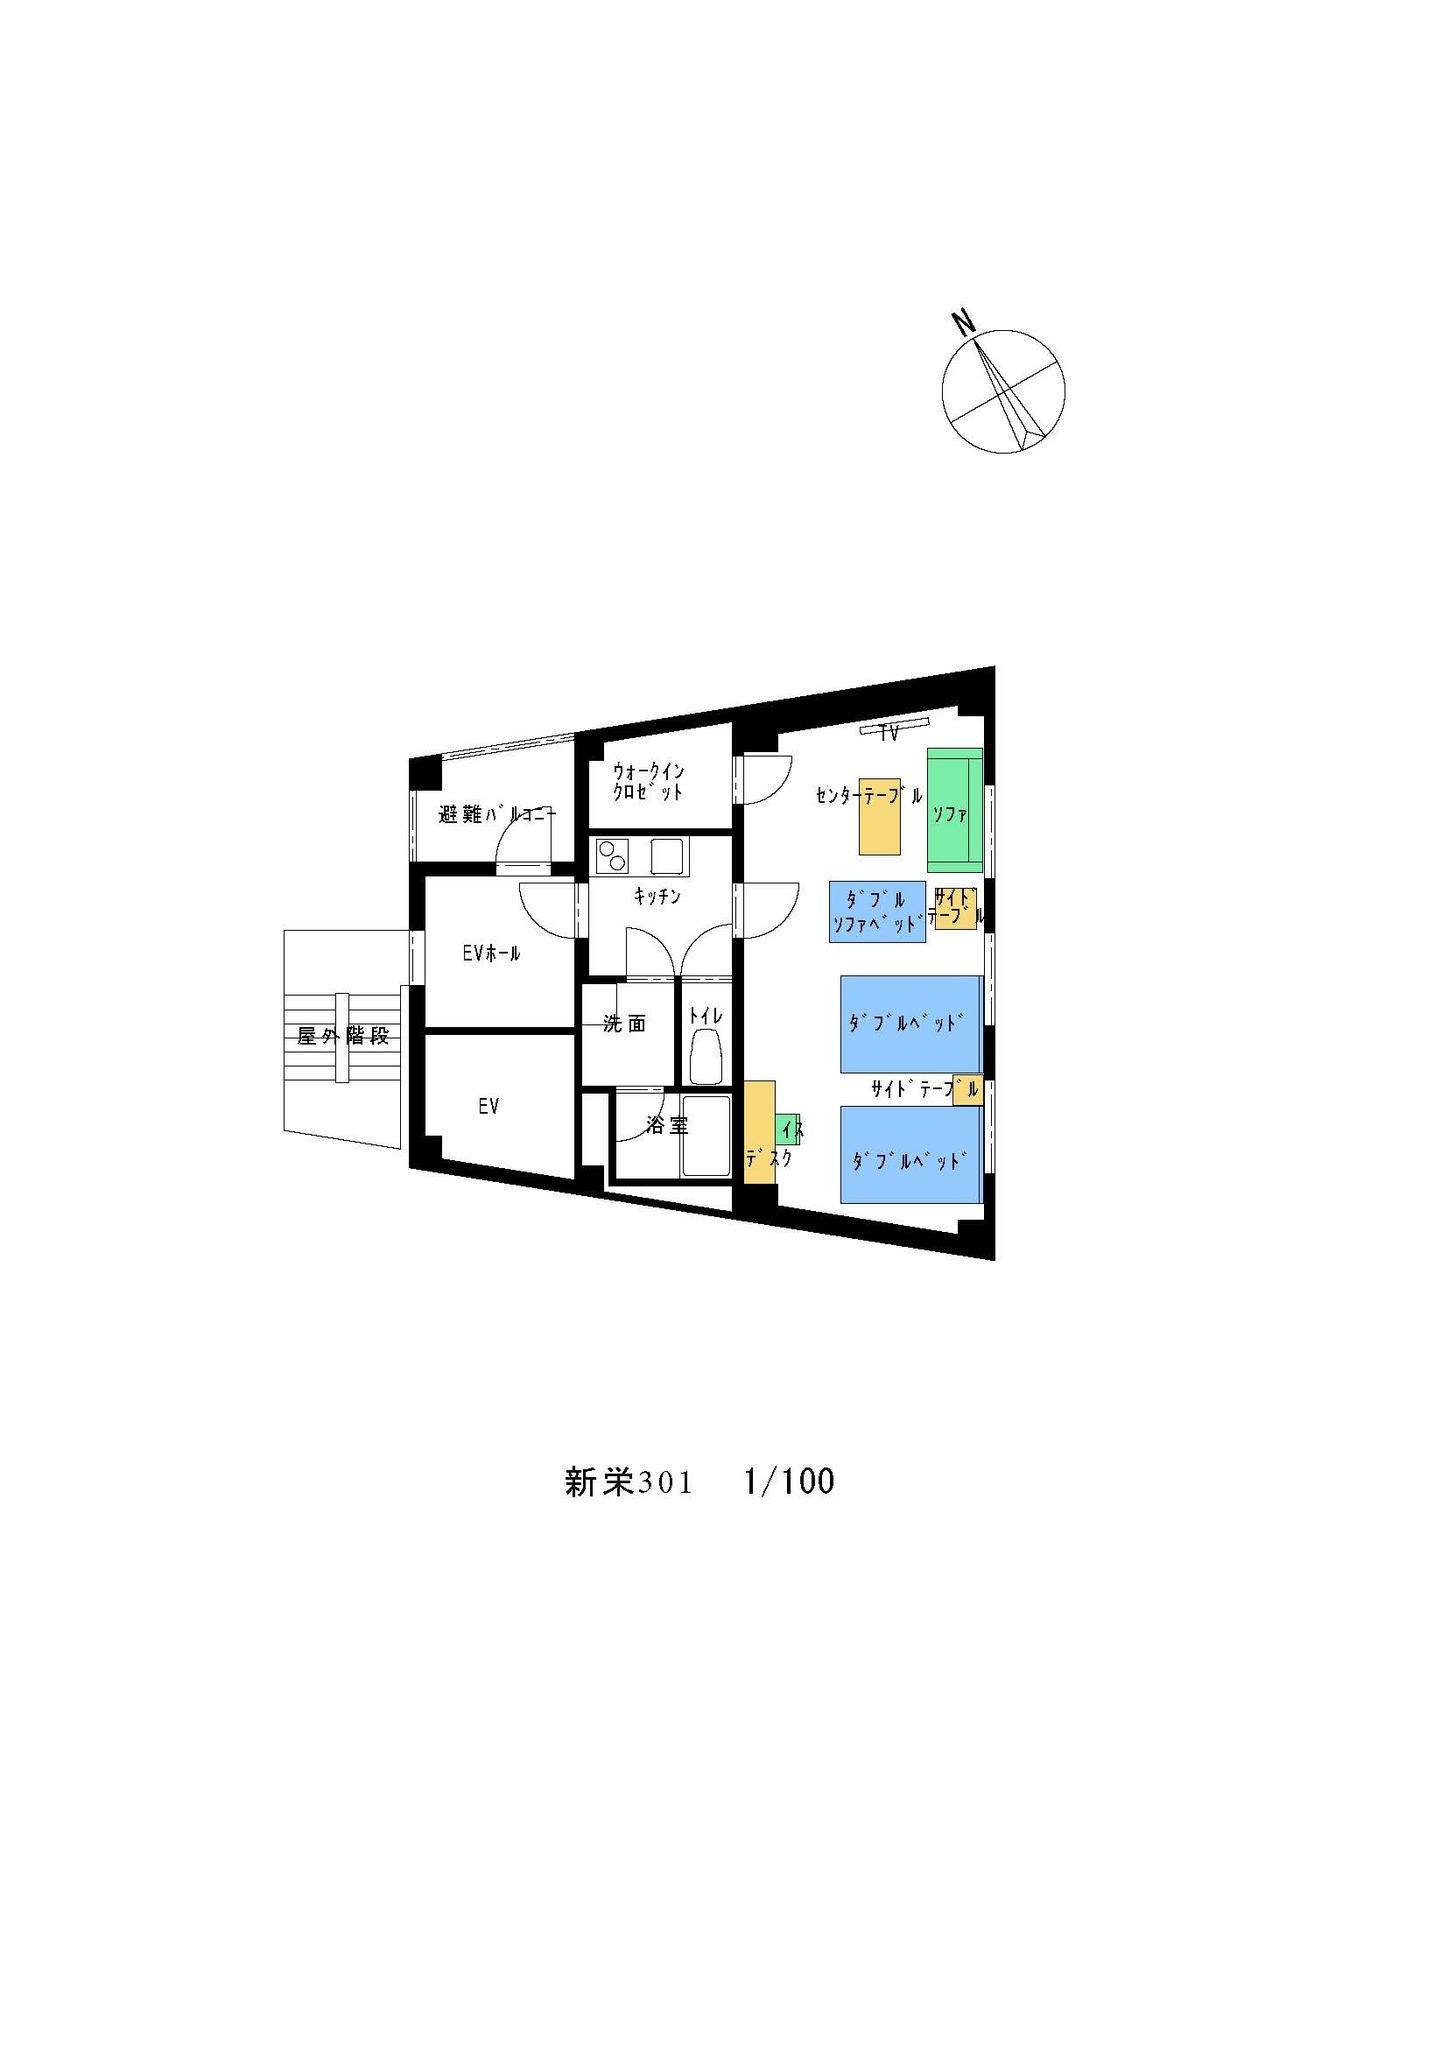 [301]心安らぐ和風モダンなお部屋。ワンフロア1ルームの完全プライベートスイートルームで安心